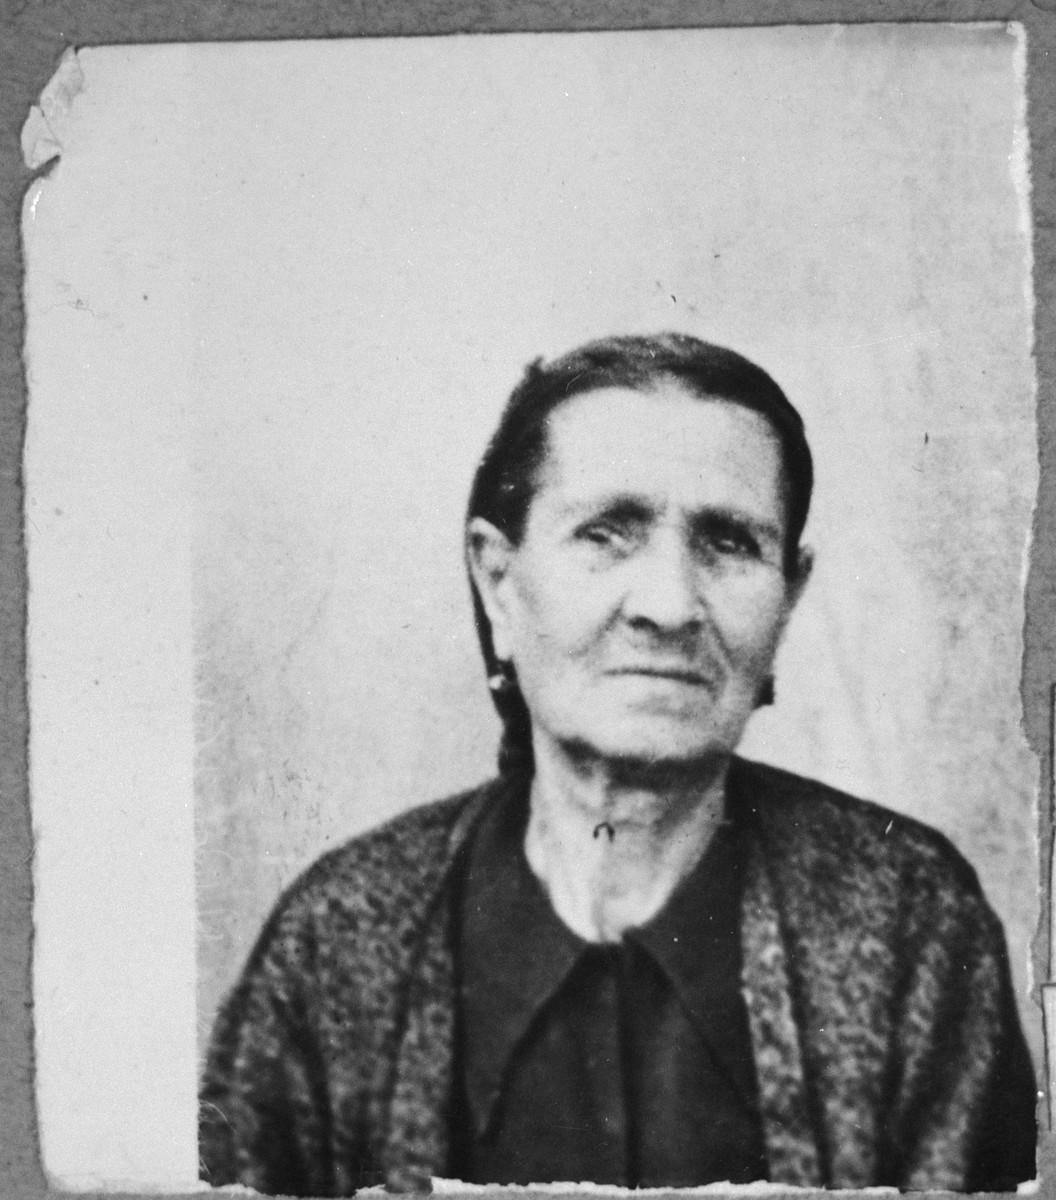 Portrait of Ester Pardo, wife of Yuda Pardo.  She lived at Dalmatinska 55 in Bitola.